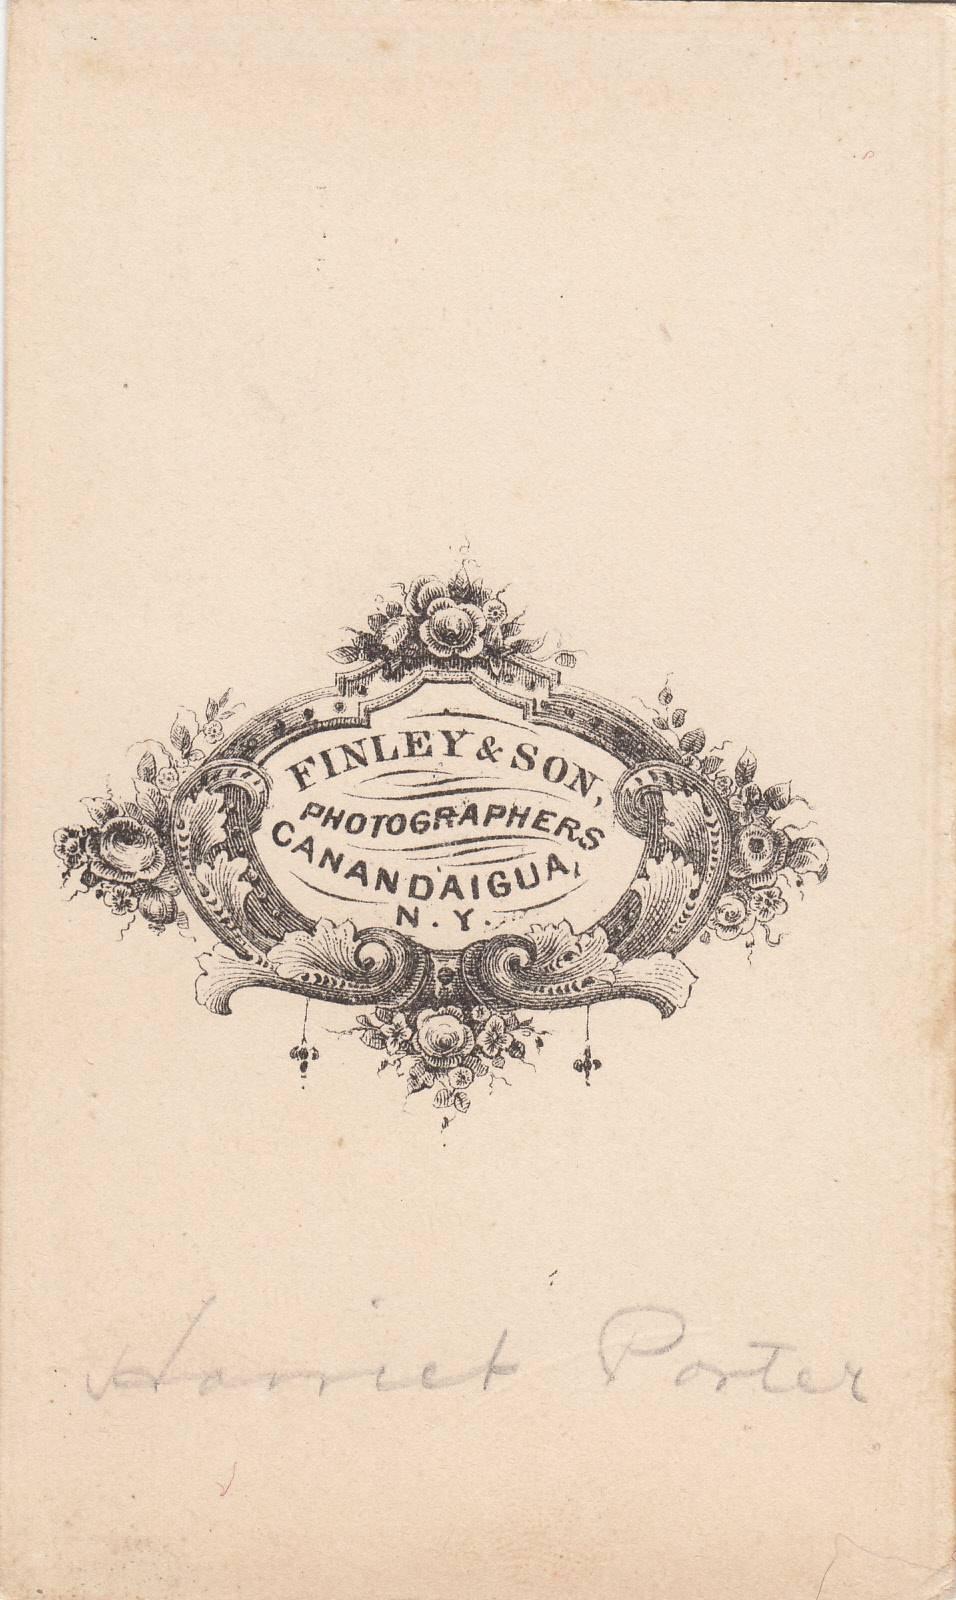 Finley & Sons of Canandaigua, NY